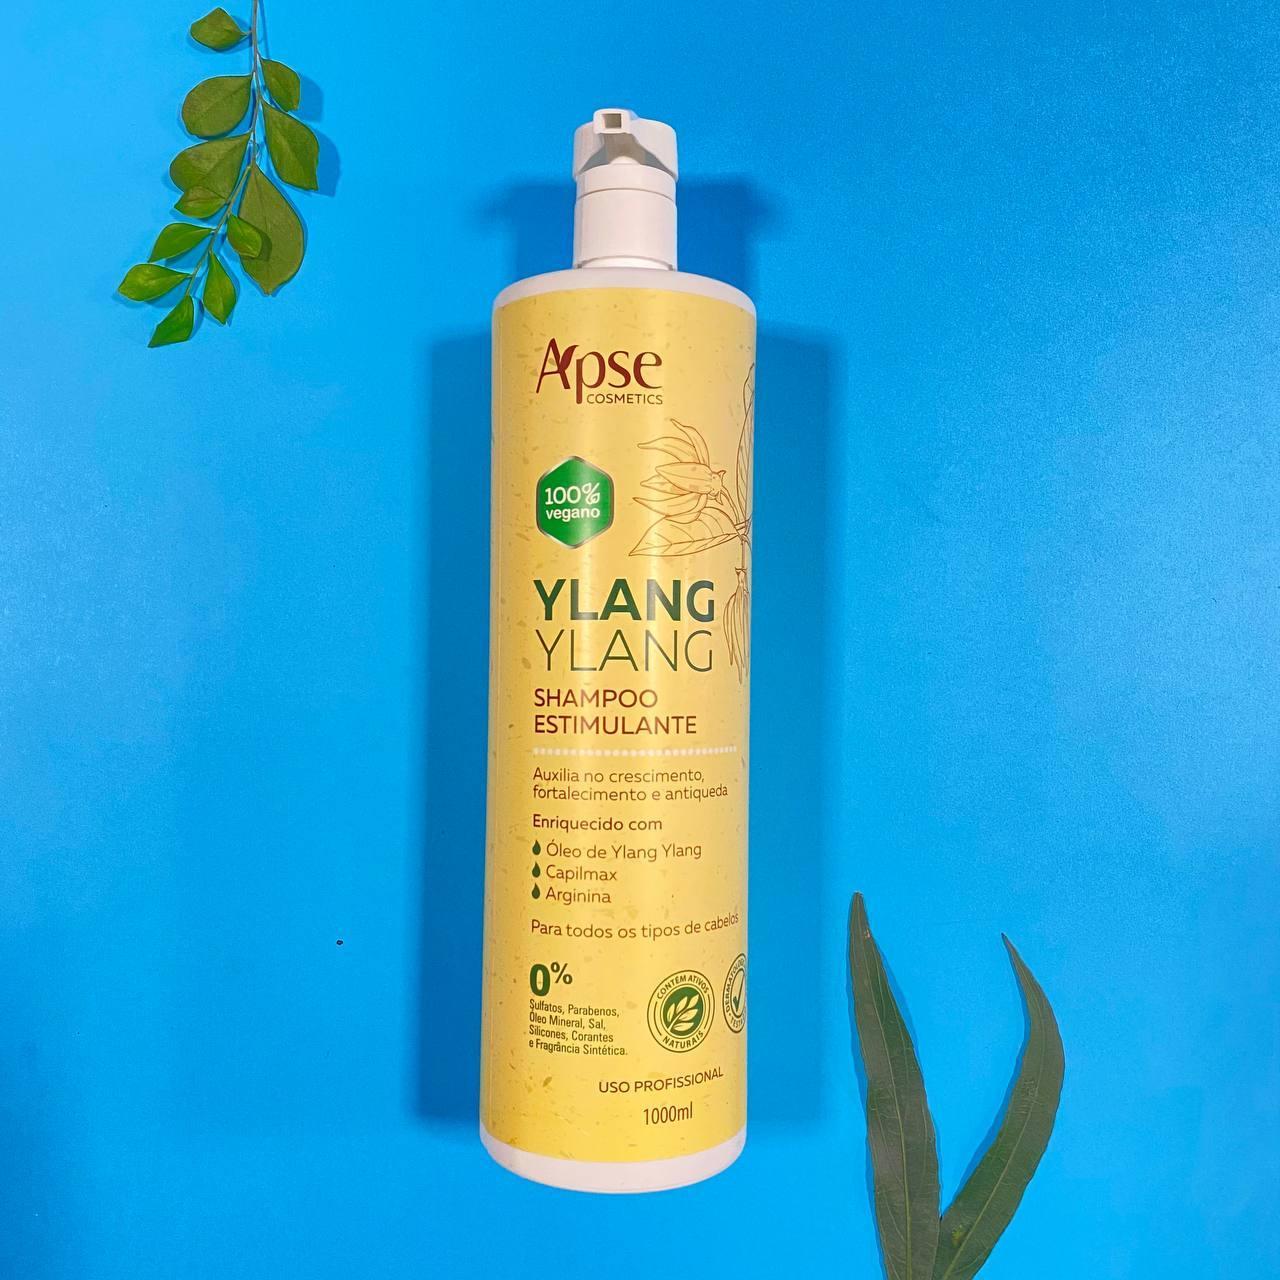 Shampoo Estimulante Ylang Ylang - Apse Cosmetics 1000ml